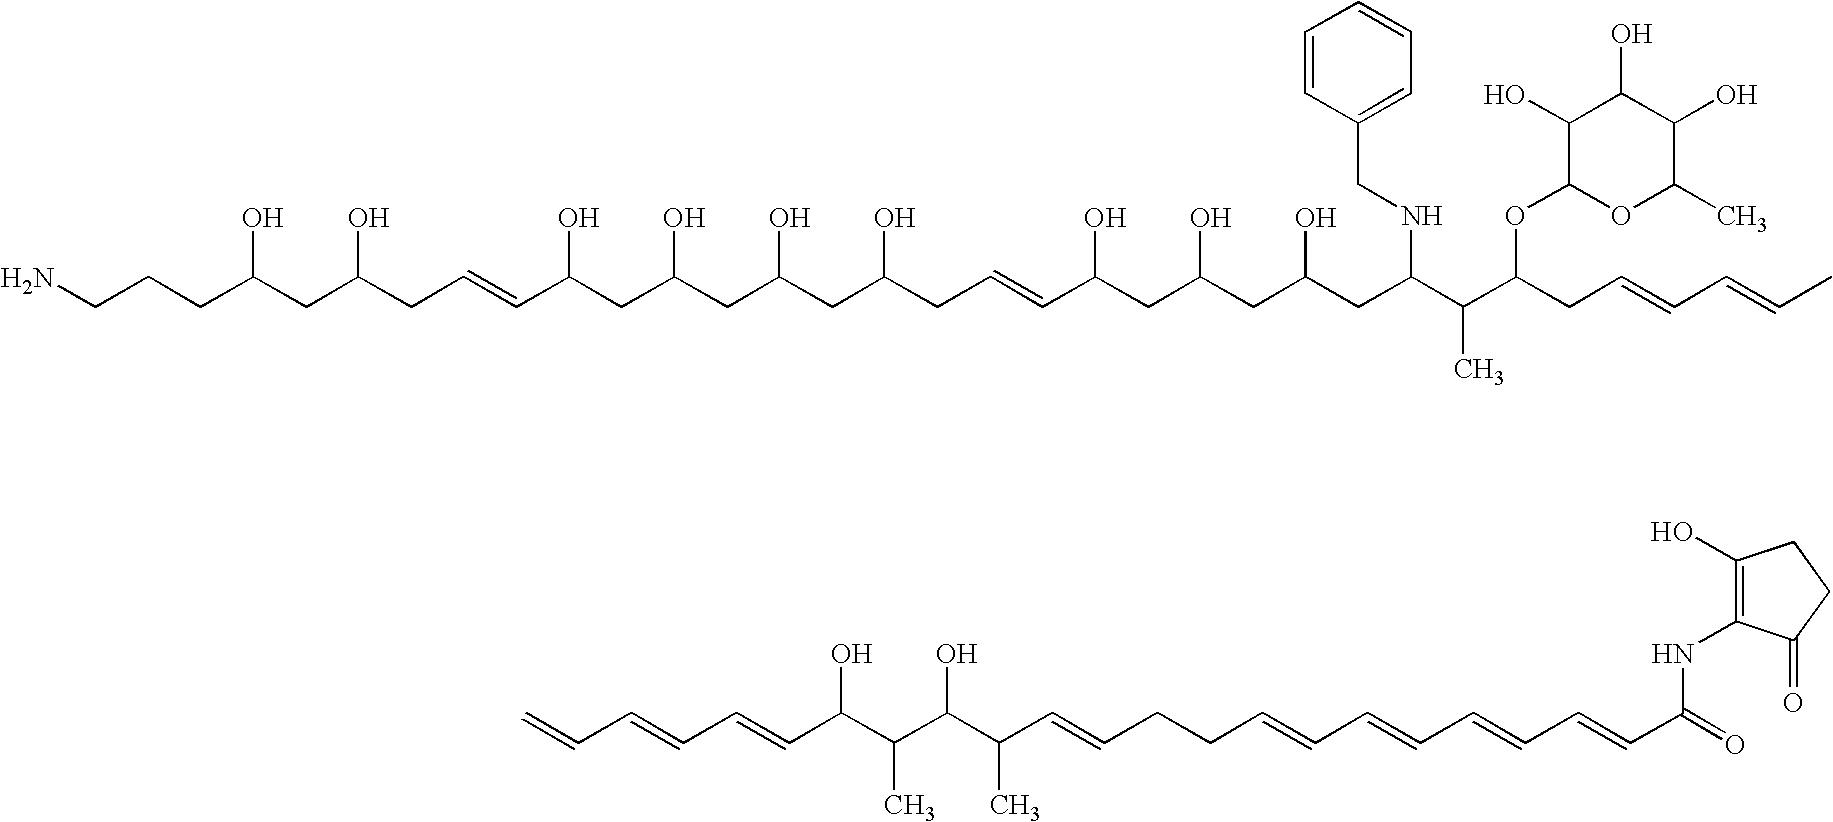 Figure US07375088-20080520-C00091